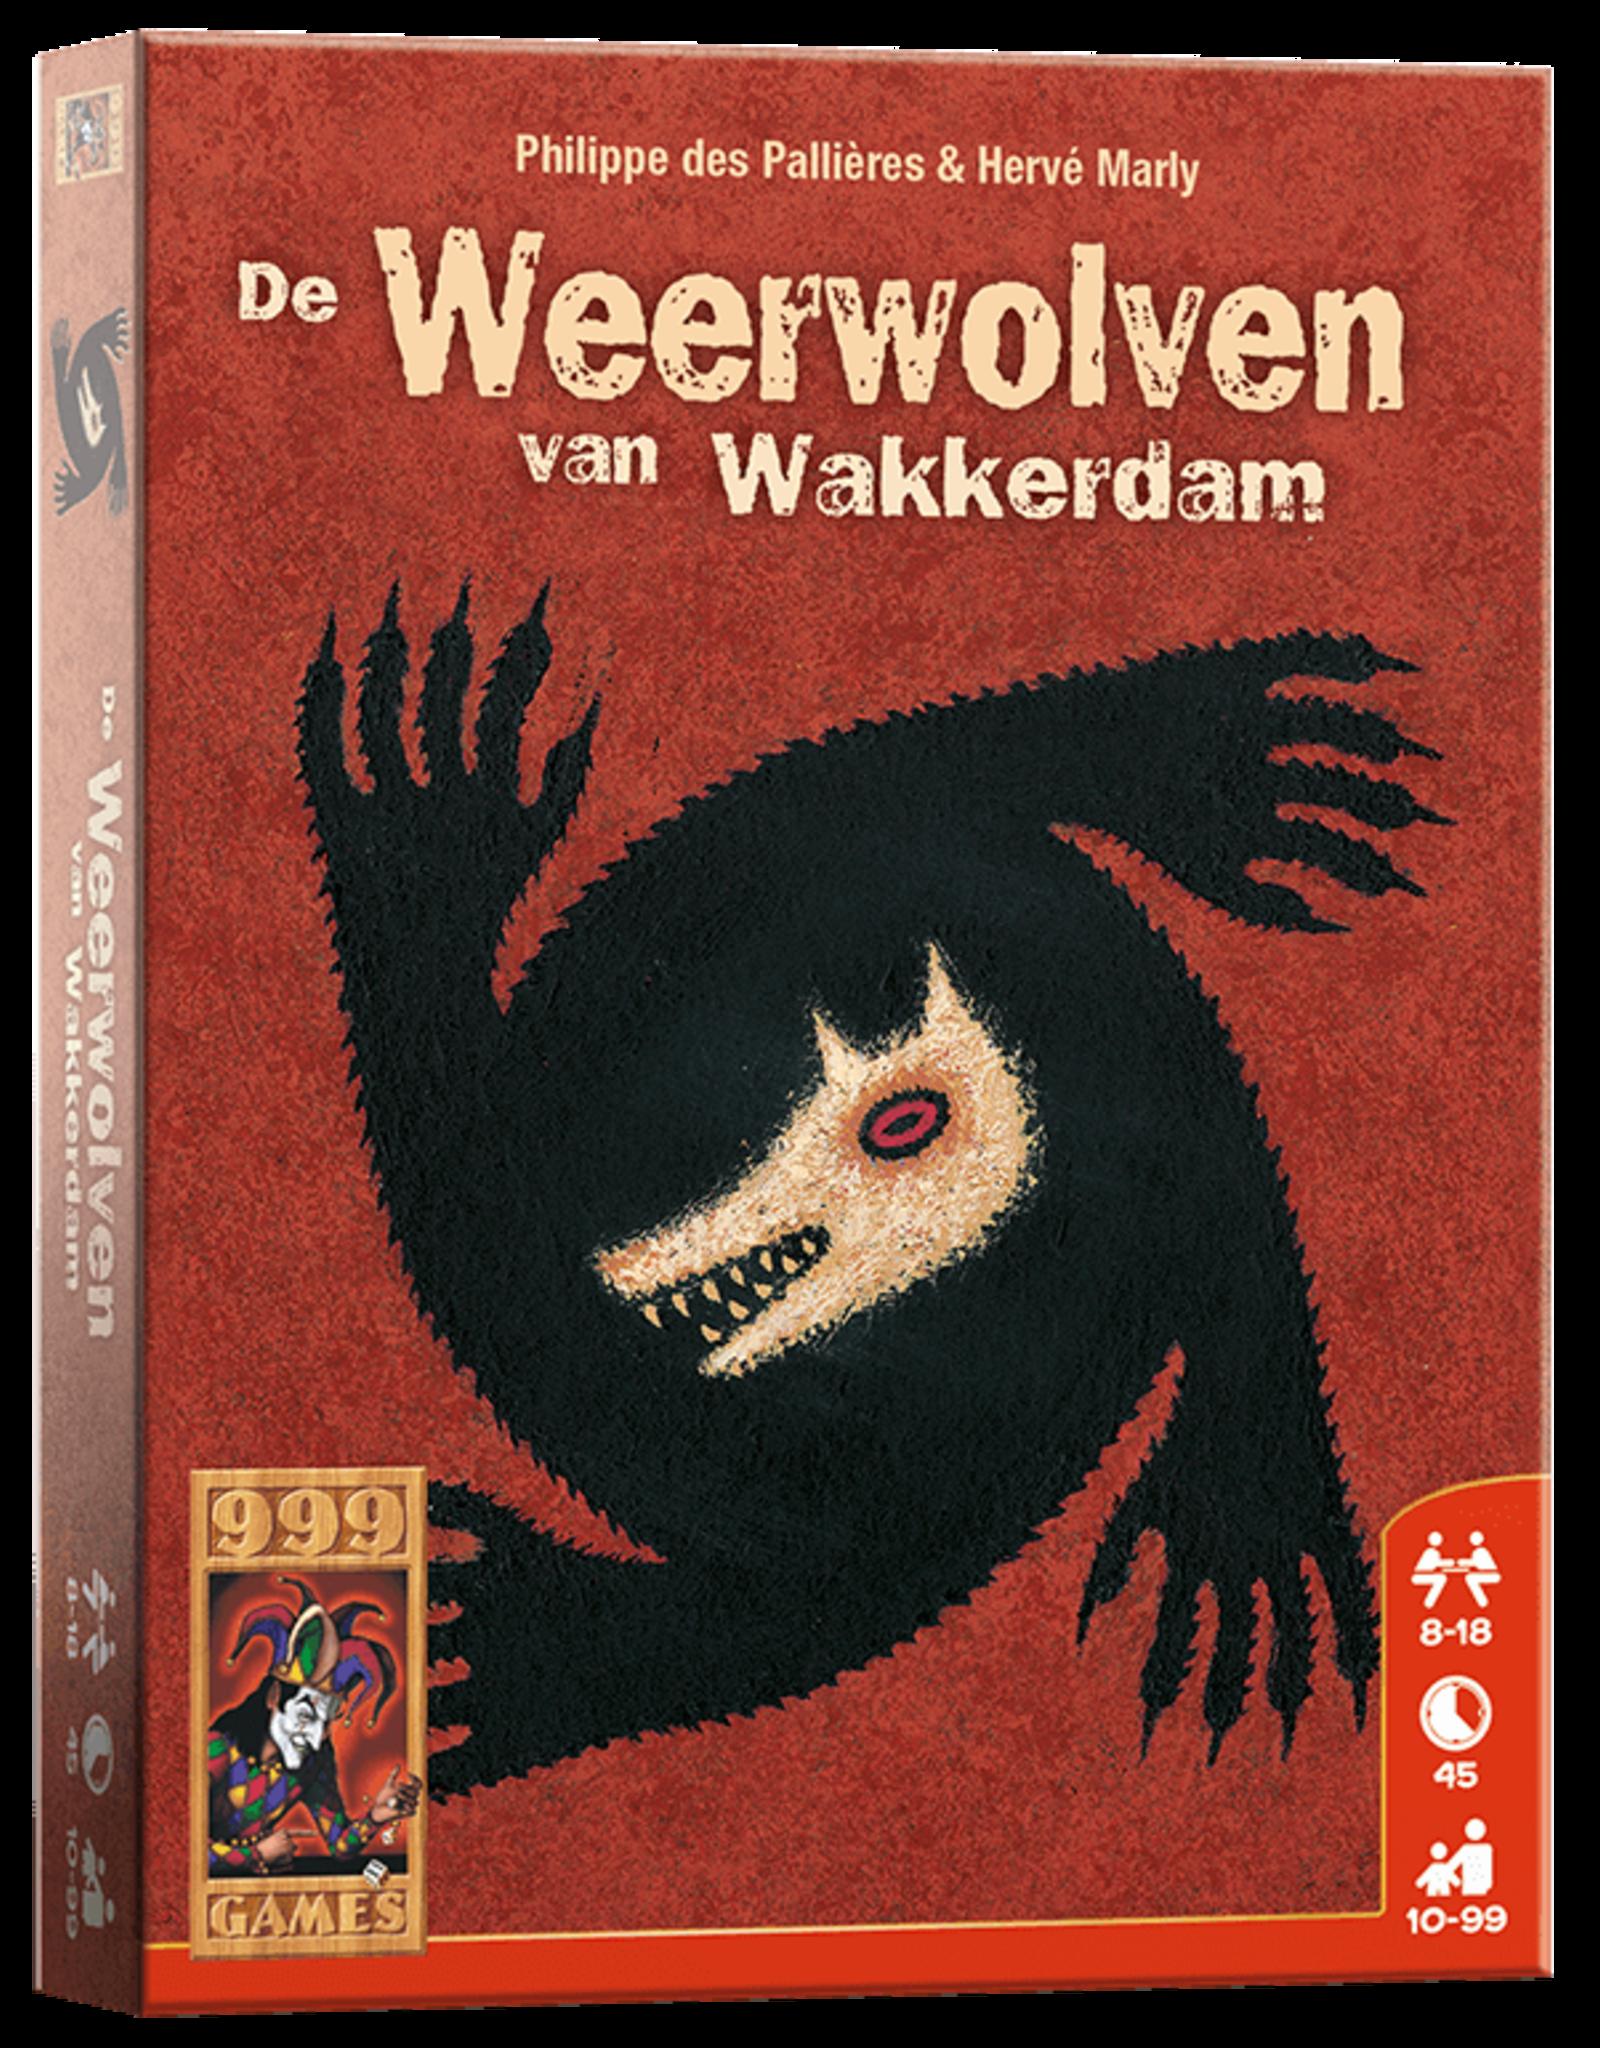 999 Games De Weerwolven van Wakkerdam - Basisspel